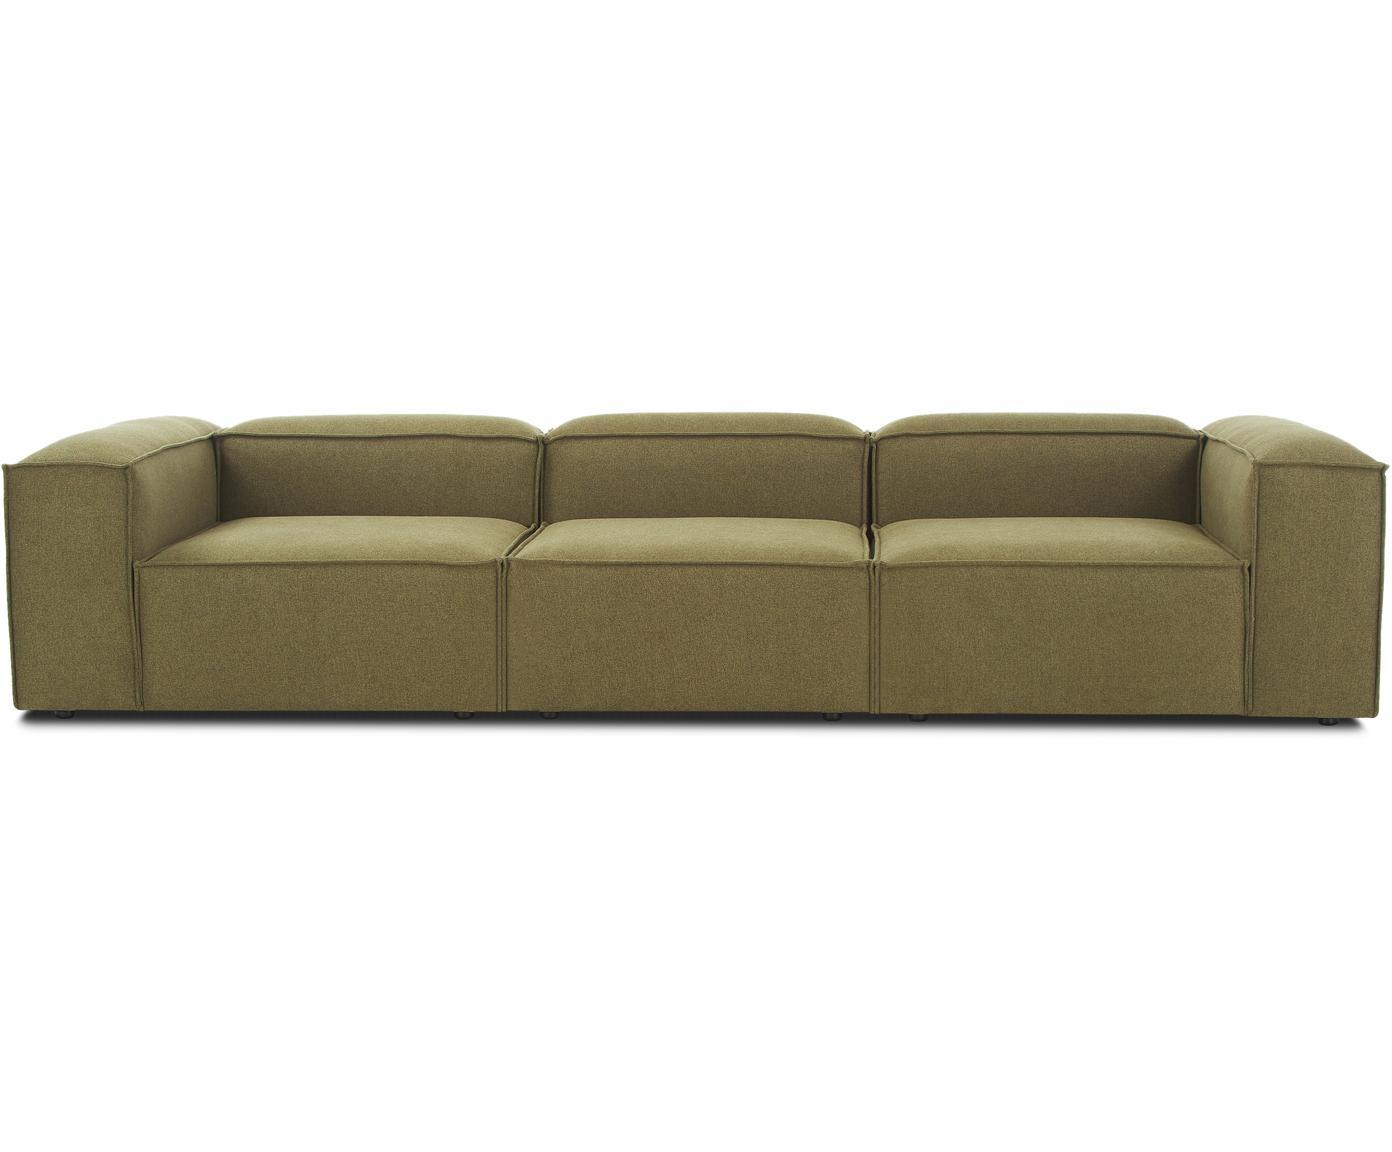 Modulaire bank Lennon (4-zits), Bekleding: 100% polyester, Frame: massief grenenhout, multi, Poten: kunststof, Geweven stof groen, B 326 x D 119 cm